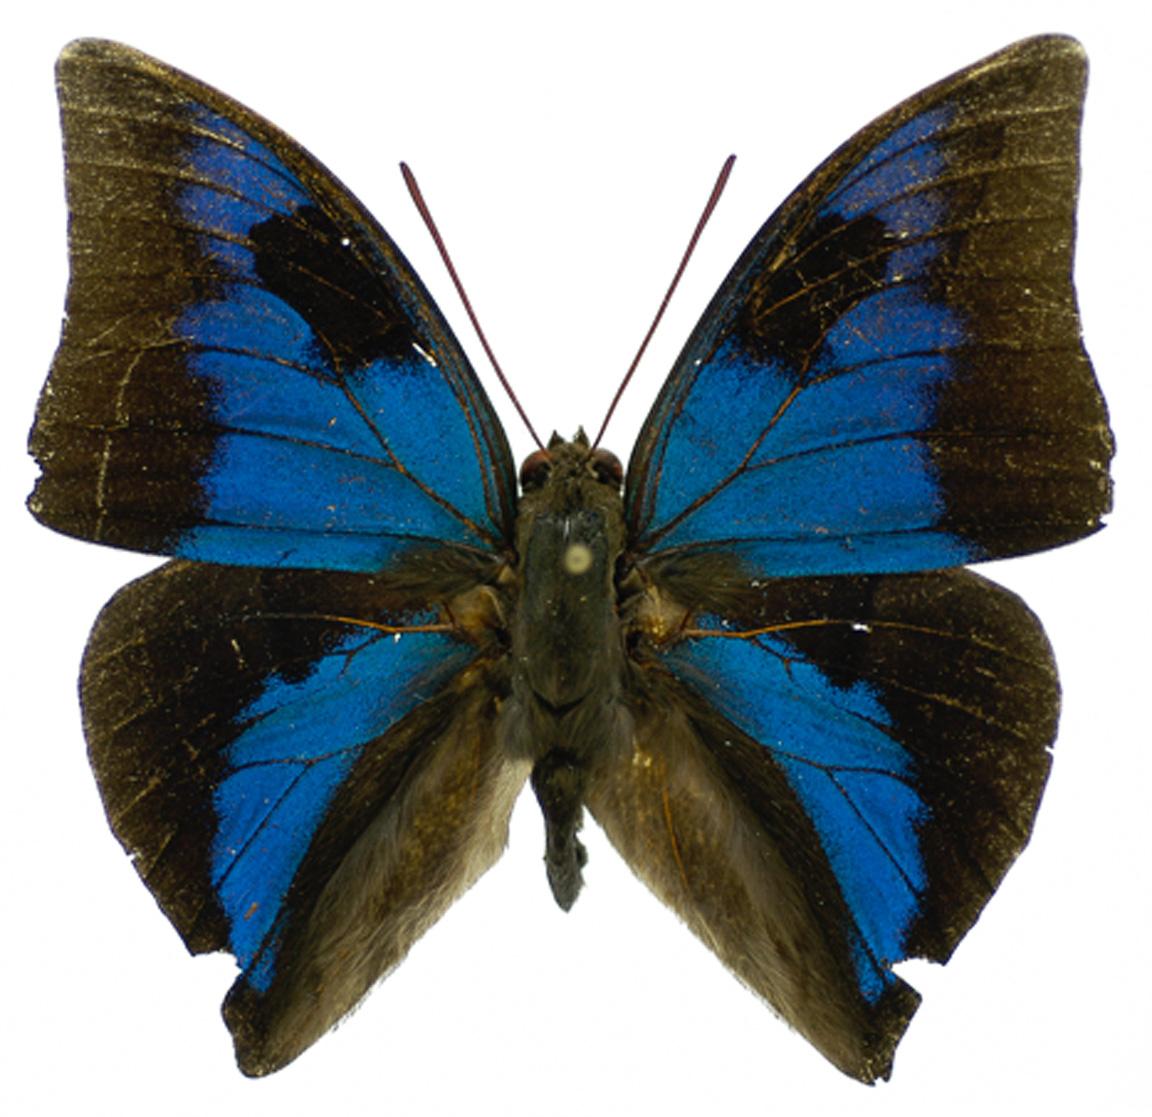 14102015-checa-borboletas-3